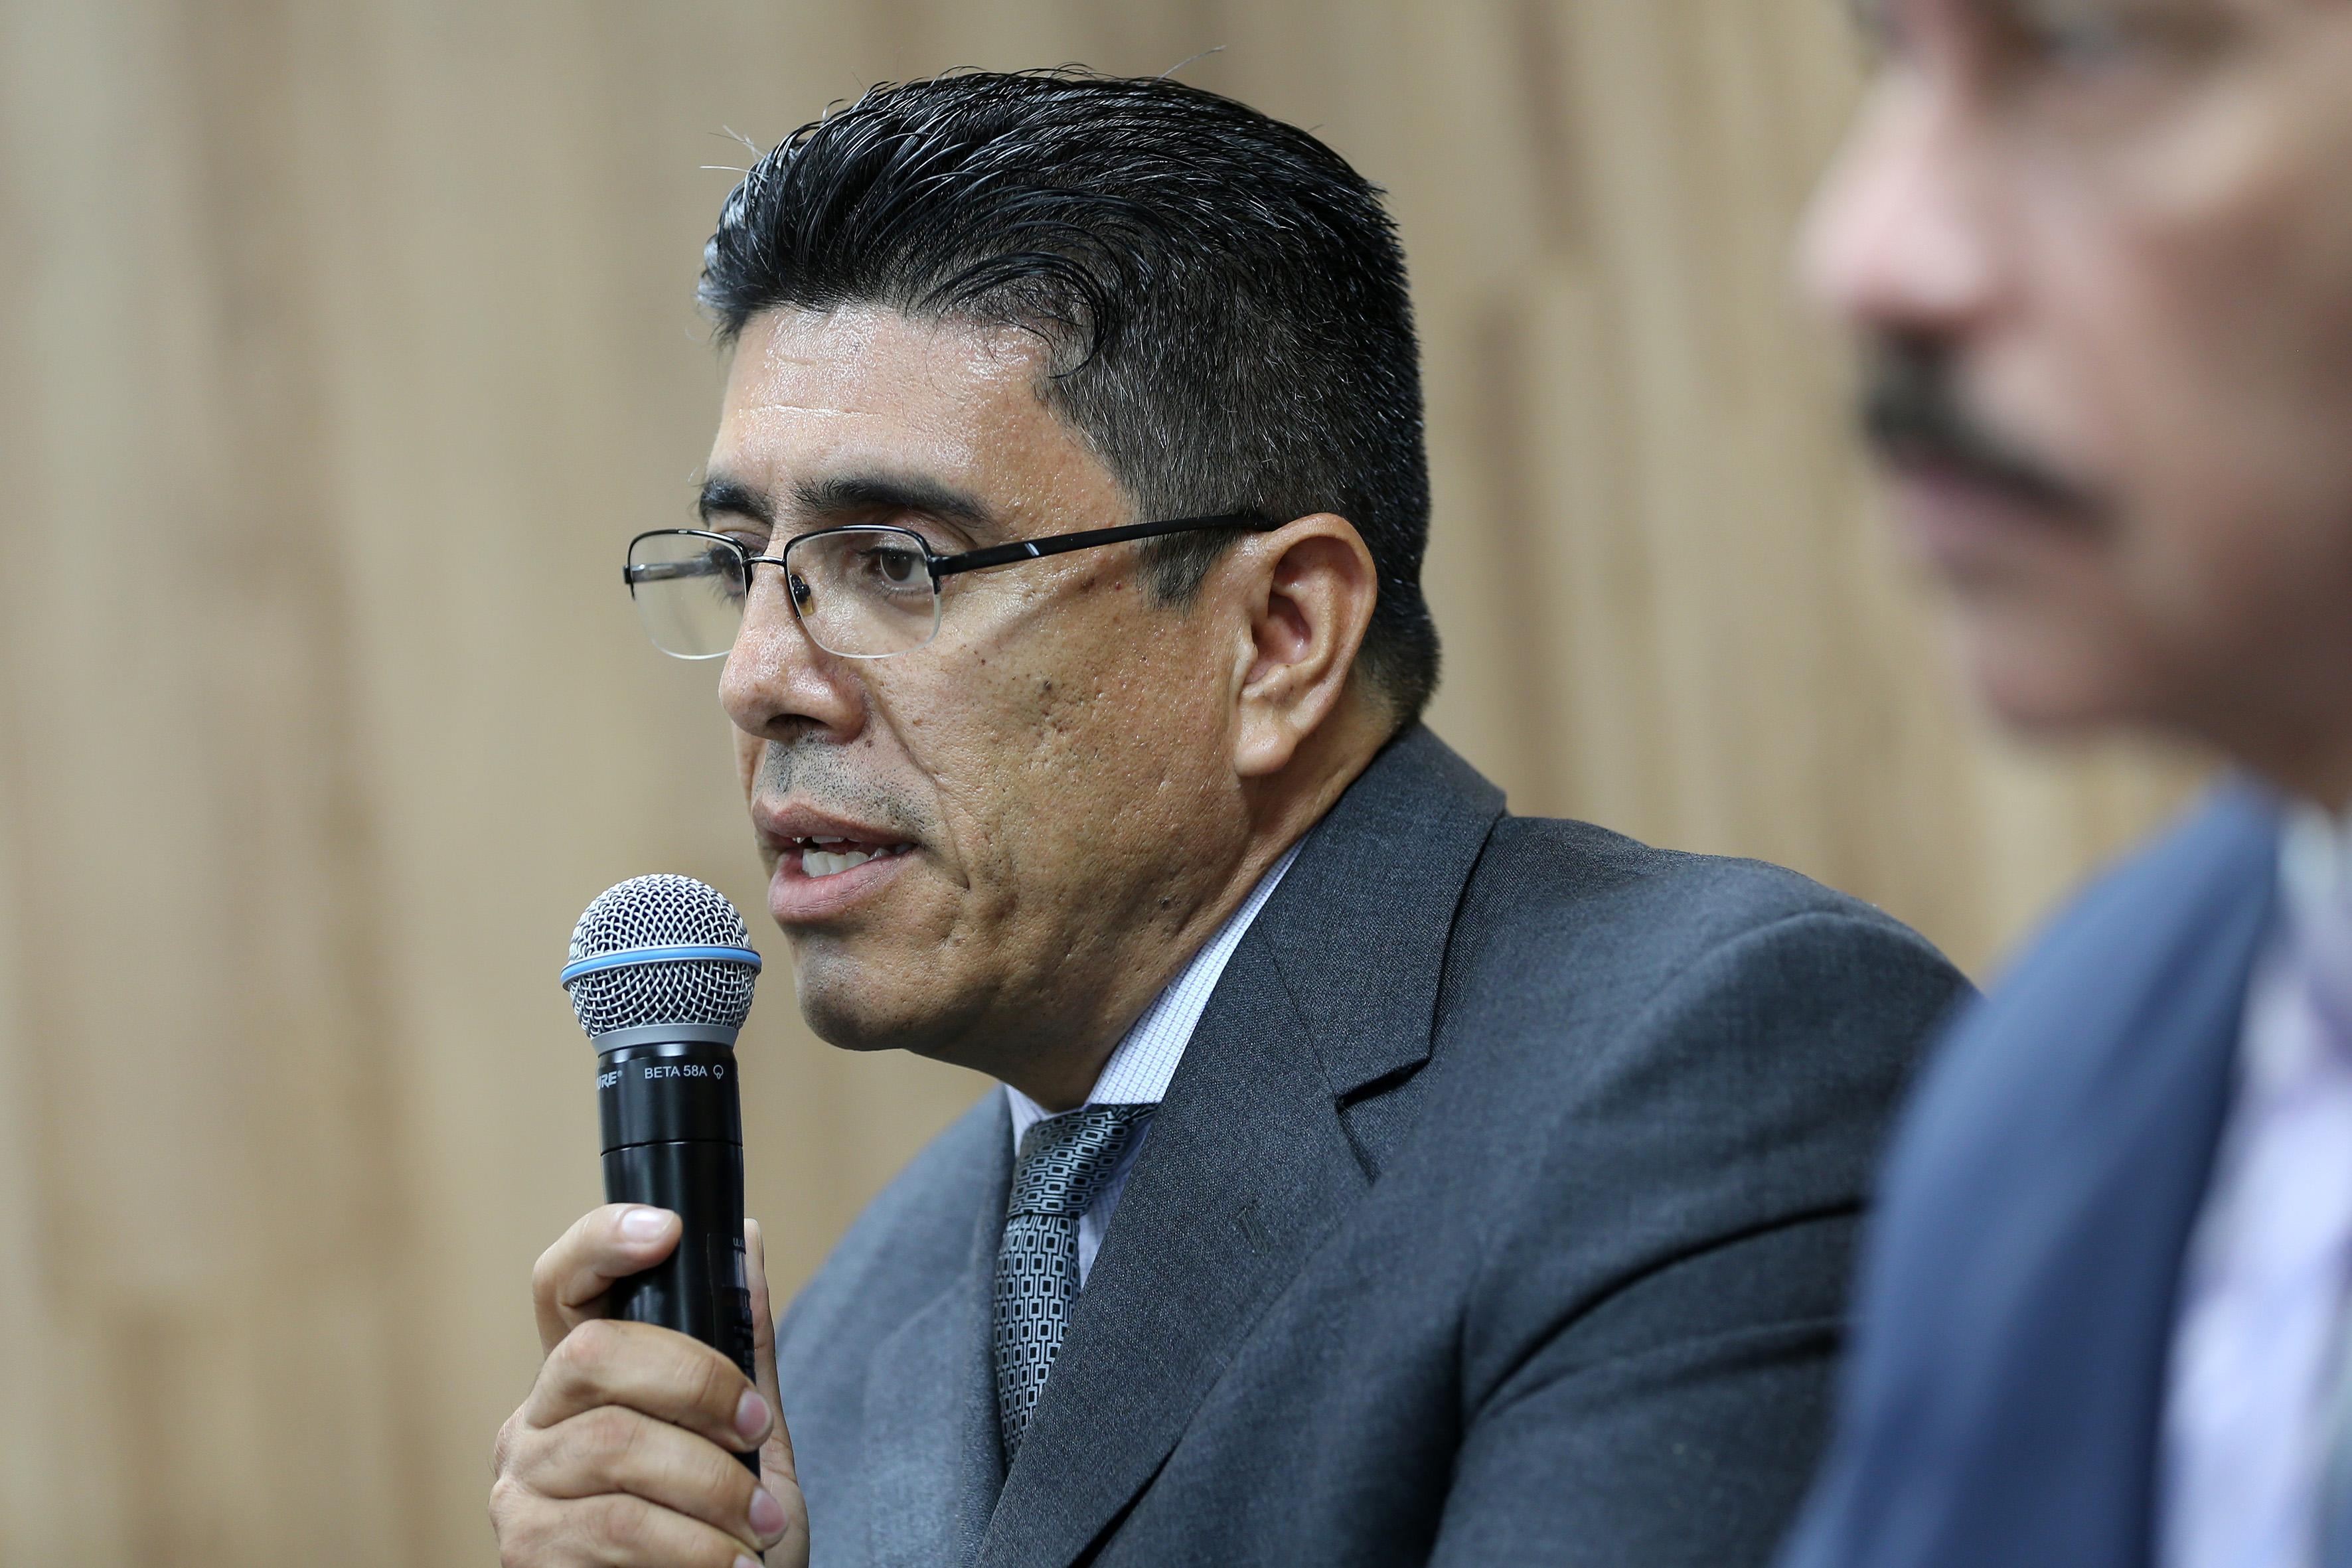 Dr. Jesús García Bañuelos al micrófono